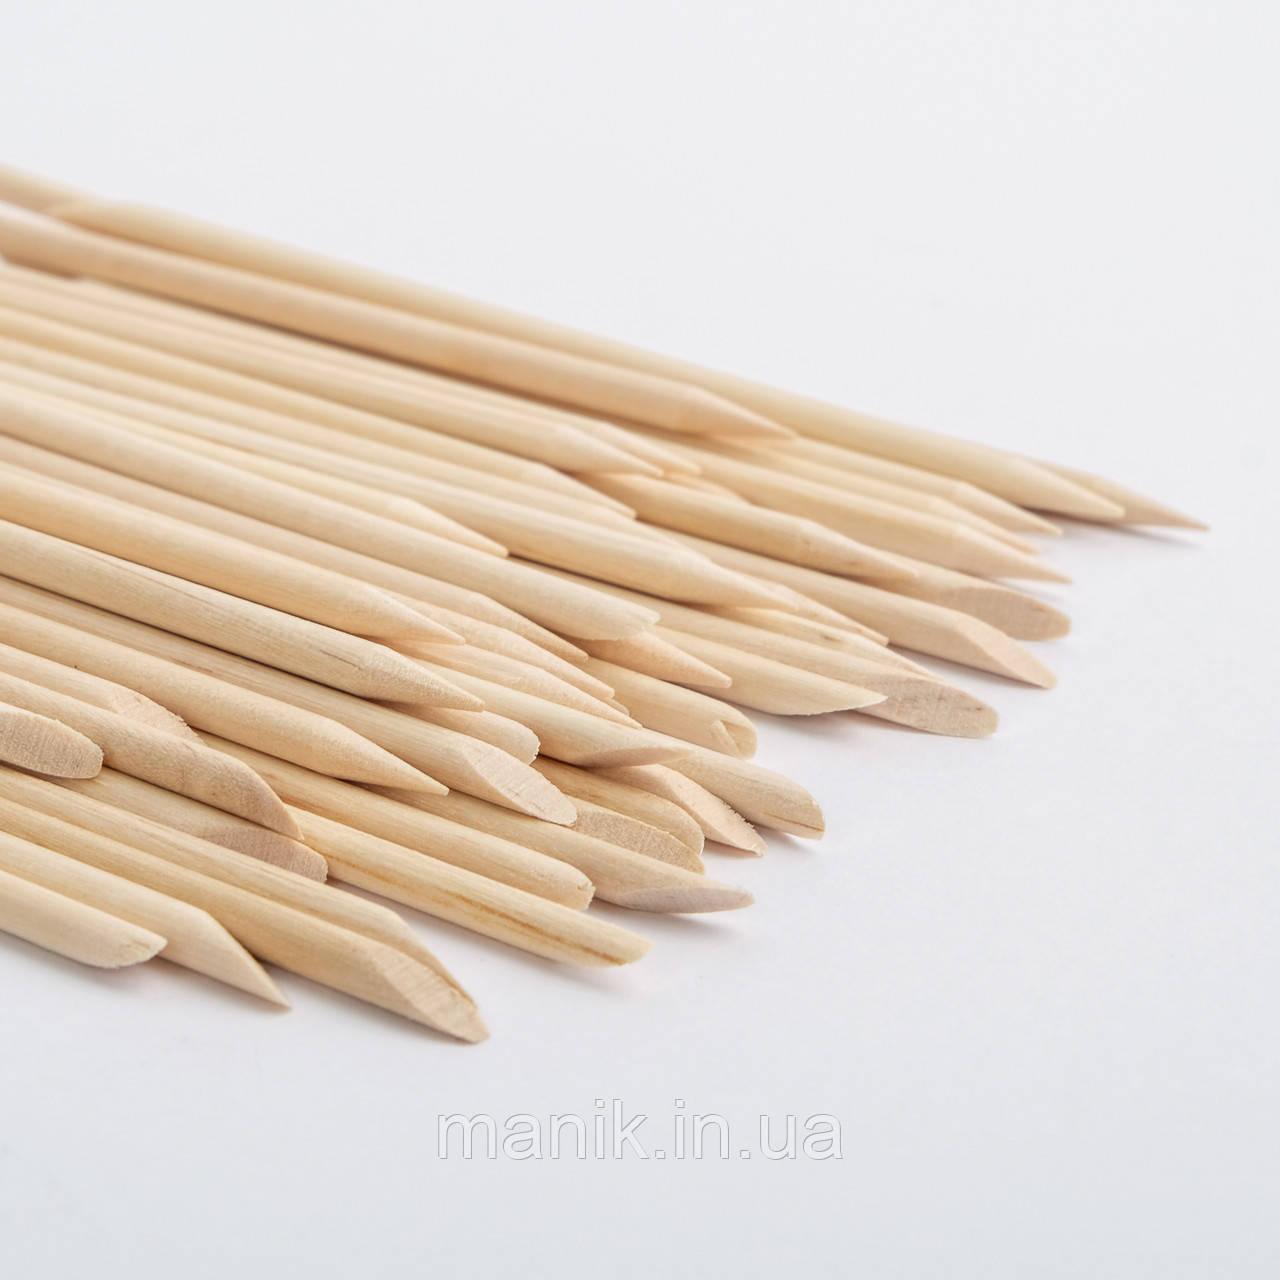 Апельсиновые палочки (11 см. 100 шт).